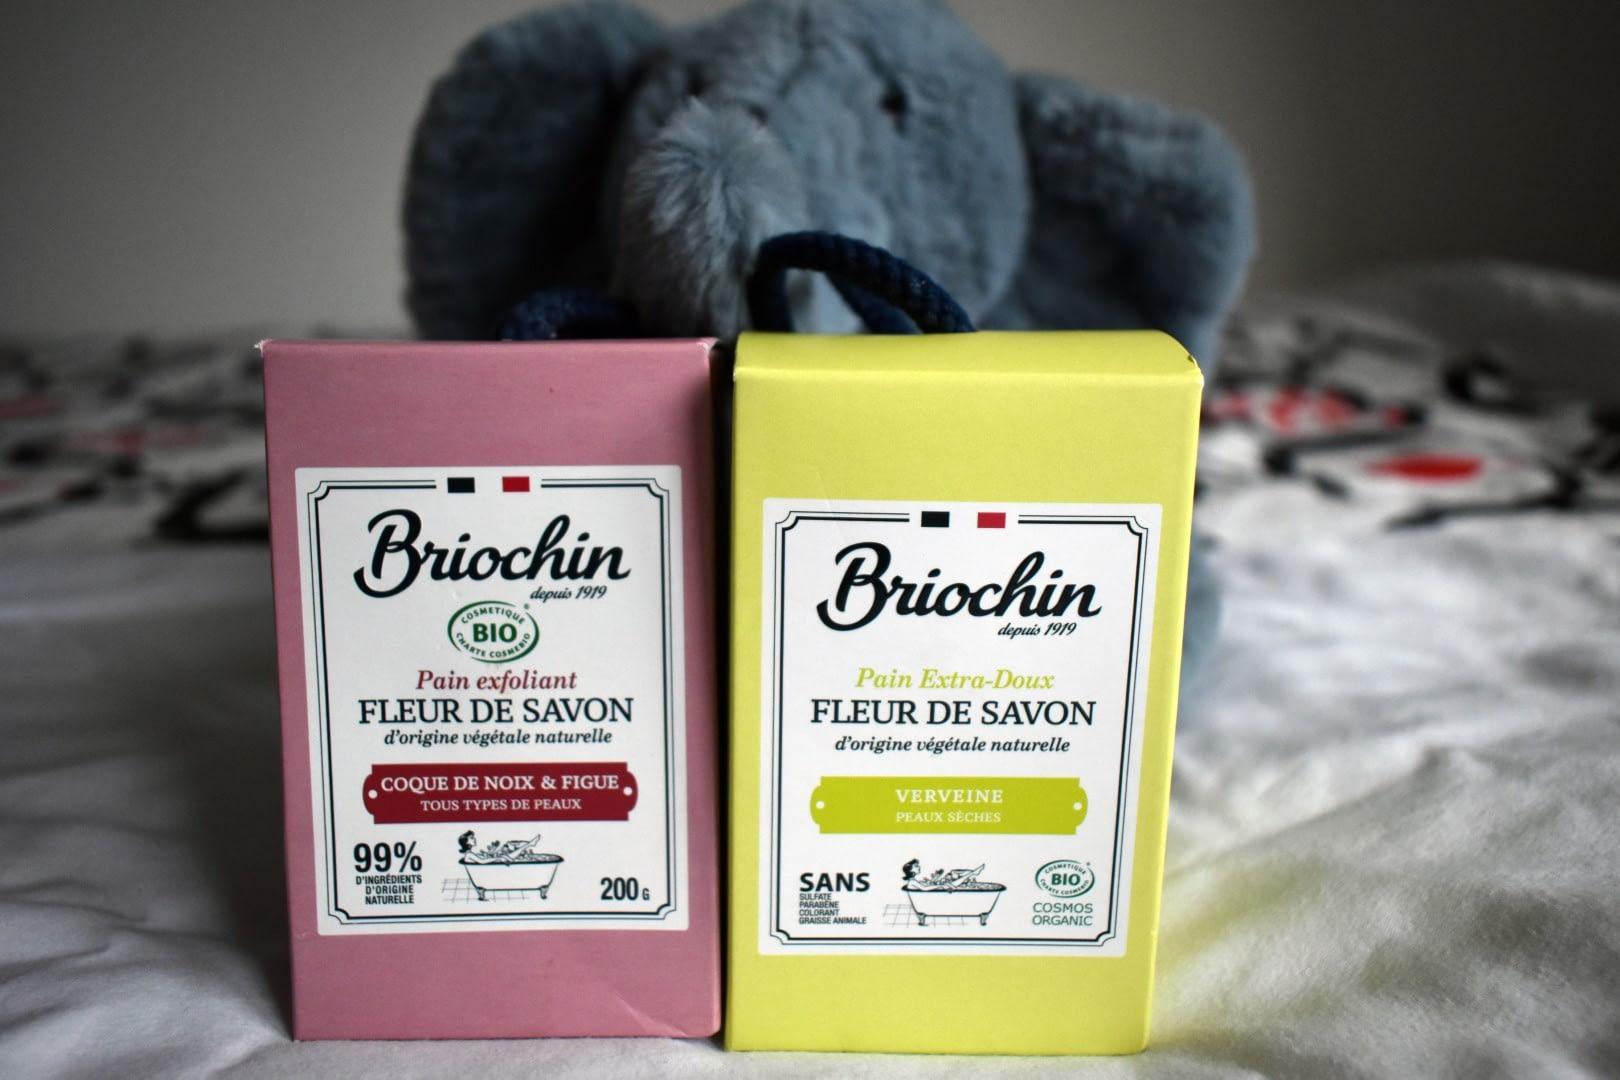 Briochin soap bars